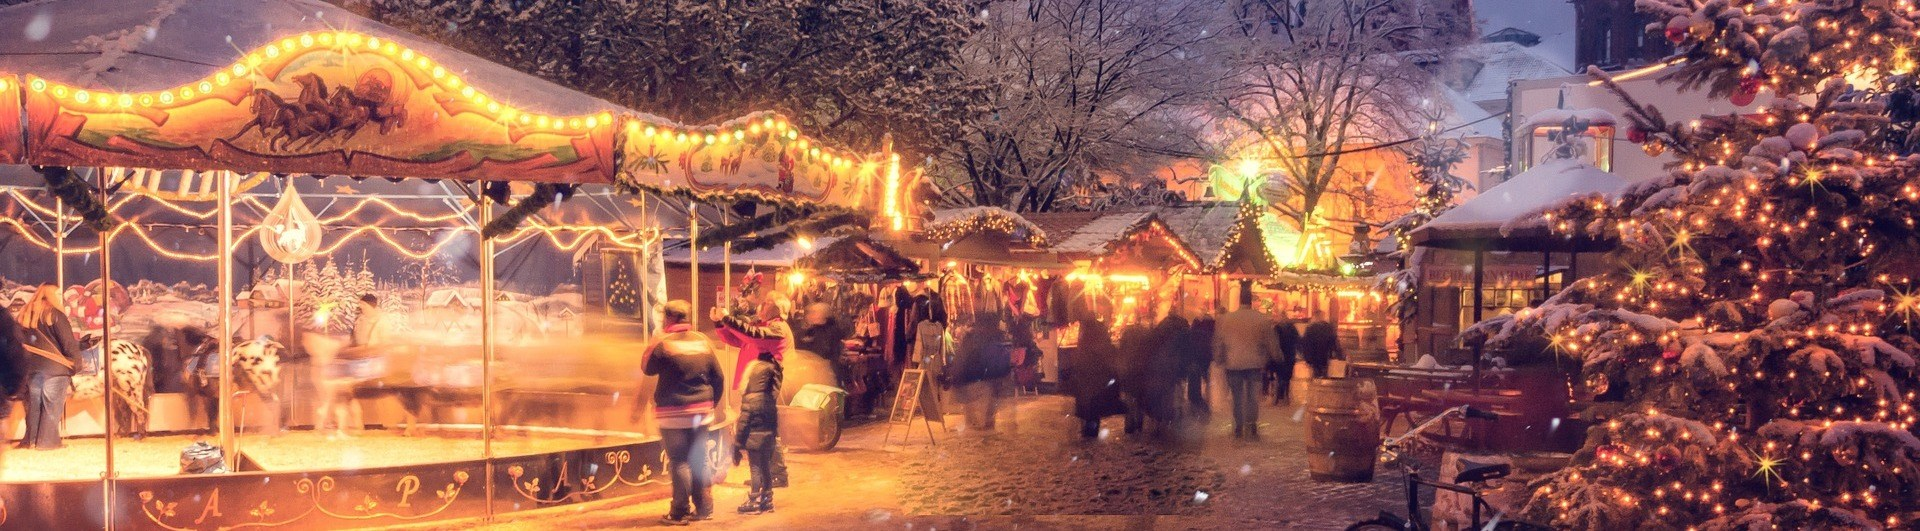 Главные европейские ярмарки, которые стоит посетить этой зимой